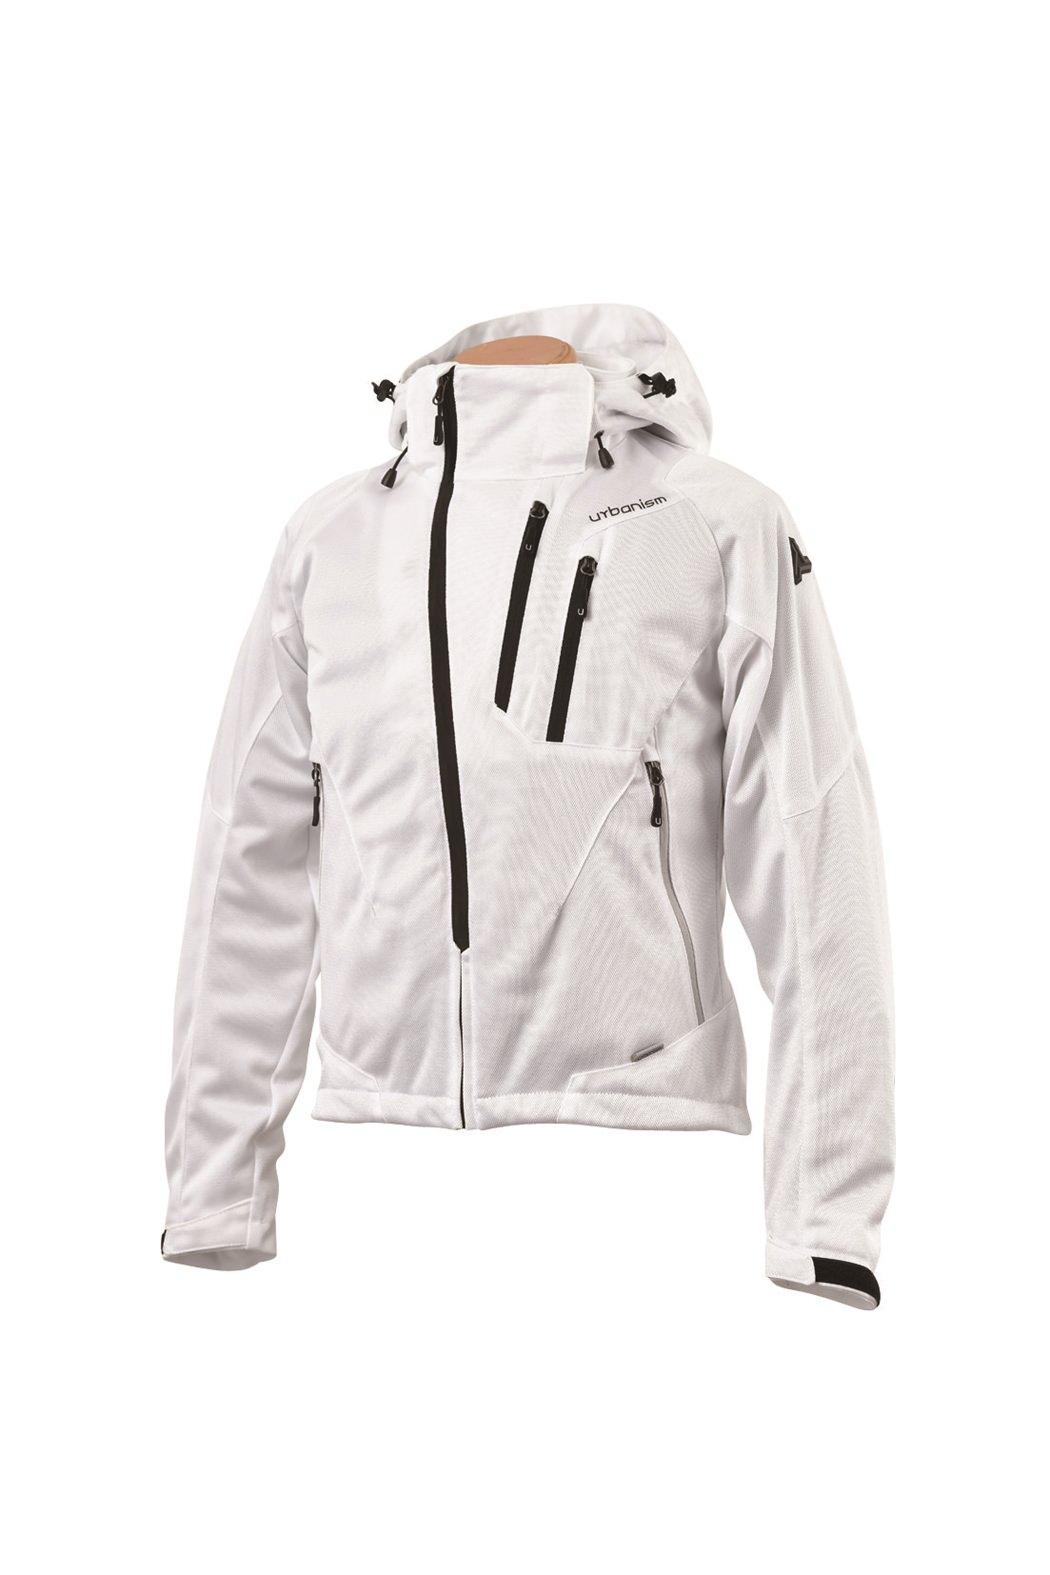 UNJ-079 フードメッシュジャケット ホワイト 3Lサイズ urbanism(アーバニズム)